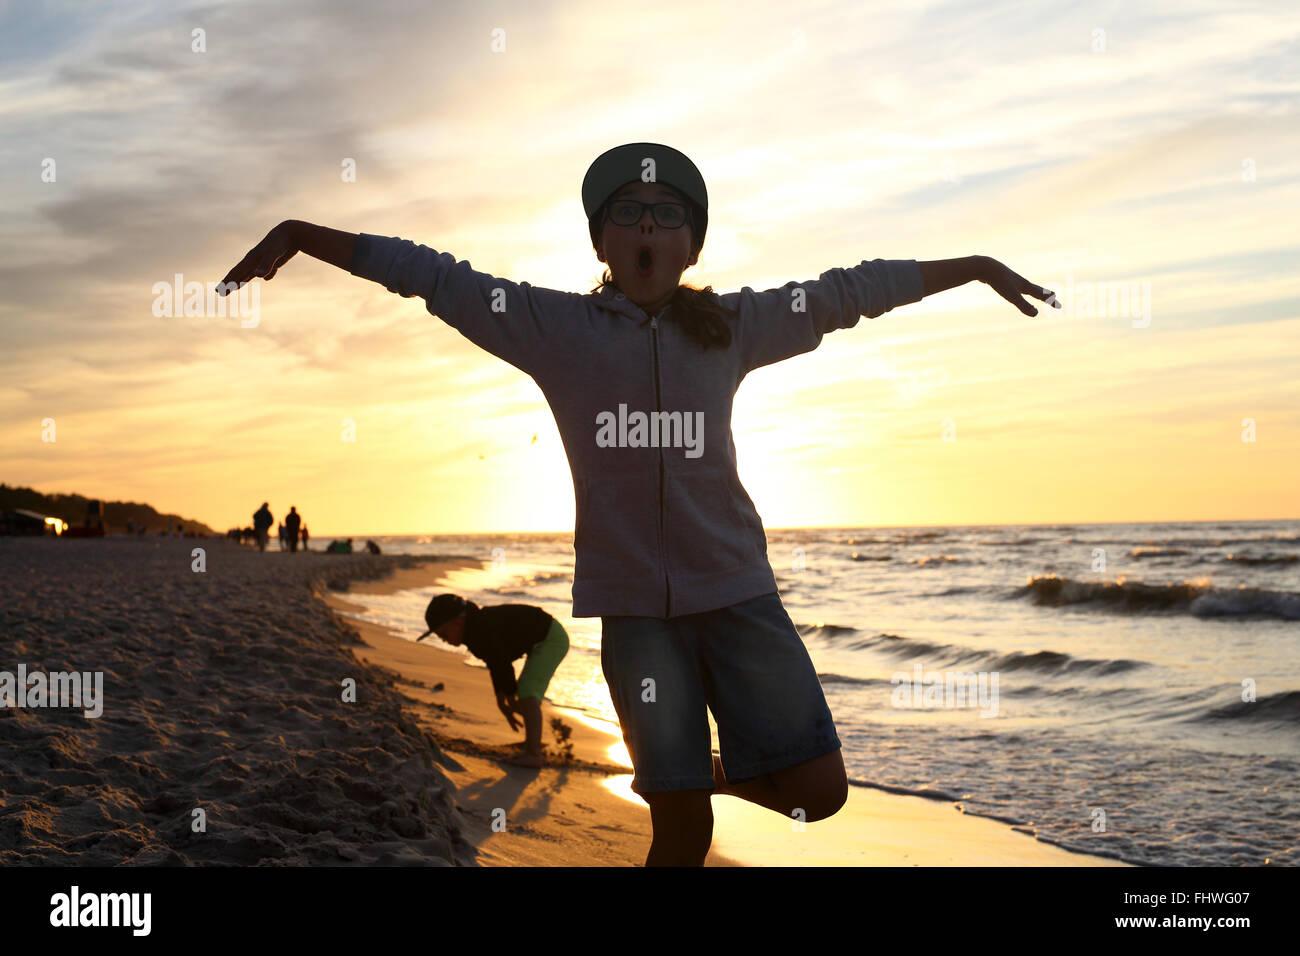 Vacaciones! La niña salta alto en una playa de arena Imagen De Stock